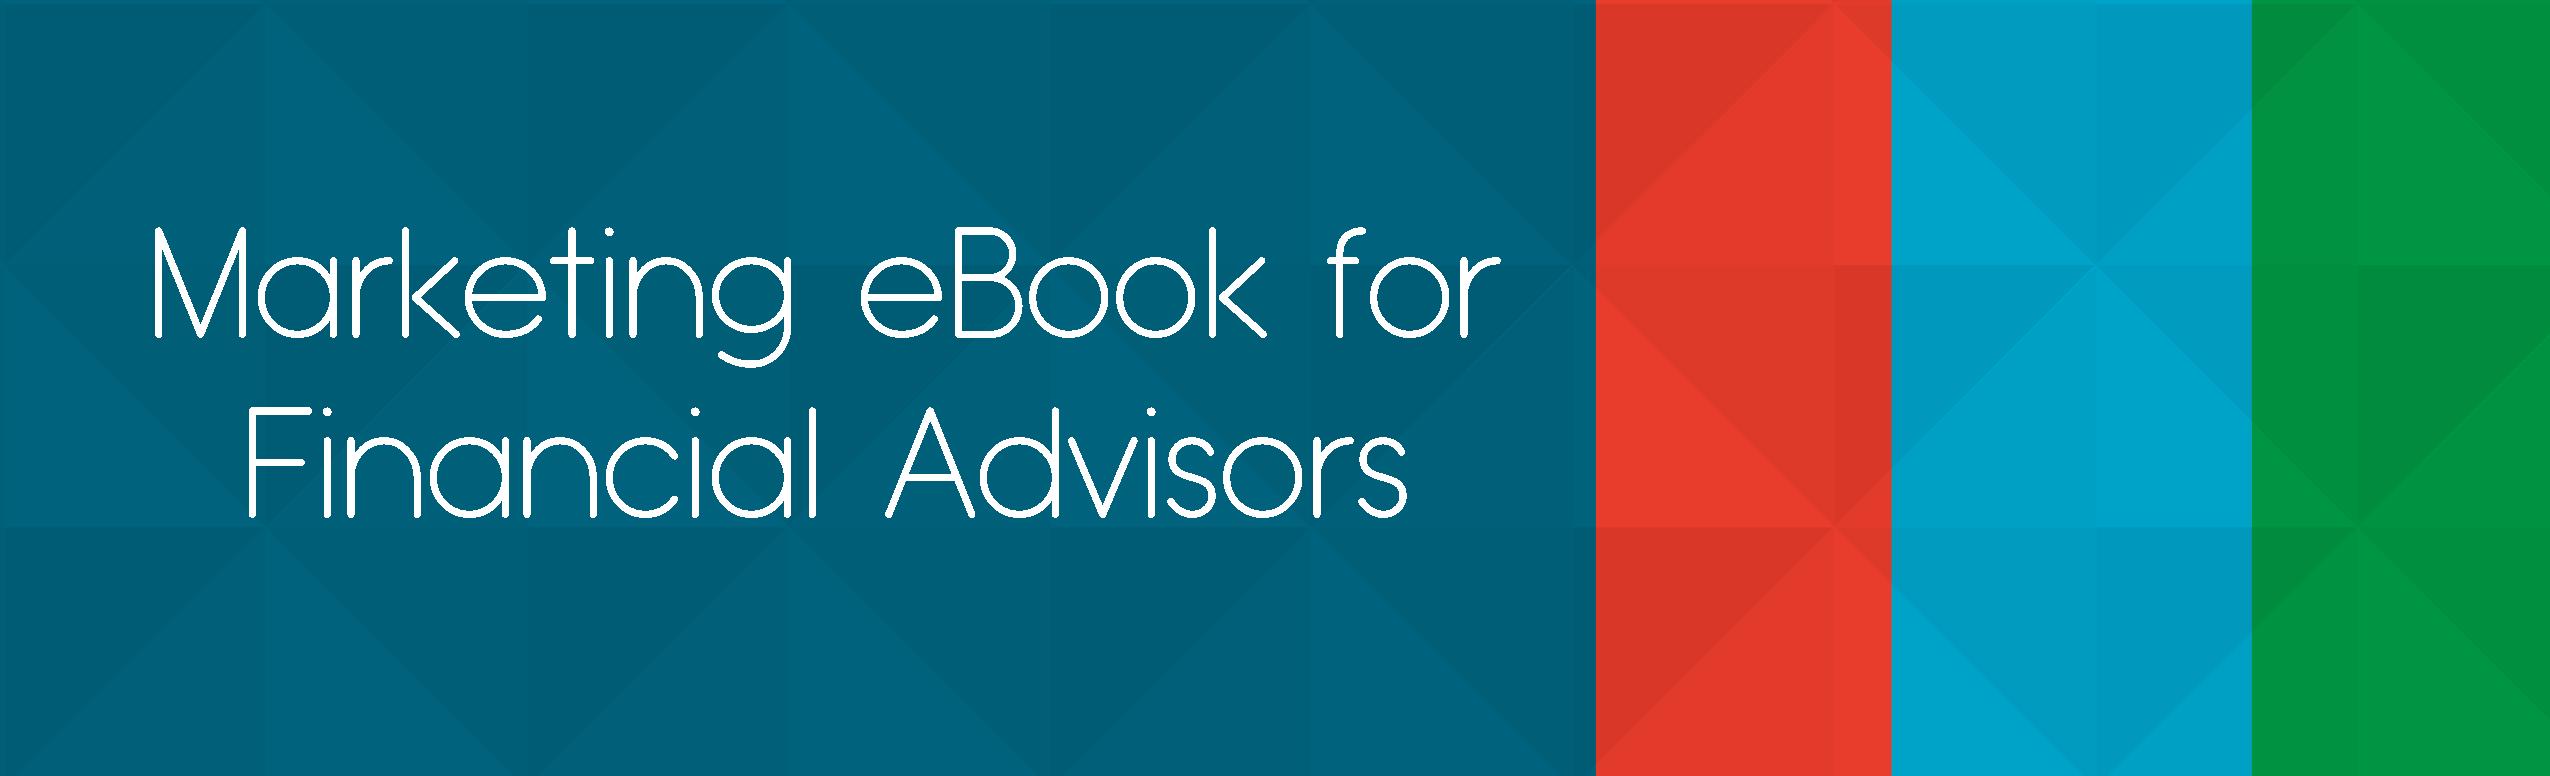 9937_EBOOK_COV_Achieving-Business-Goals-Through-Marketing-blog